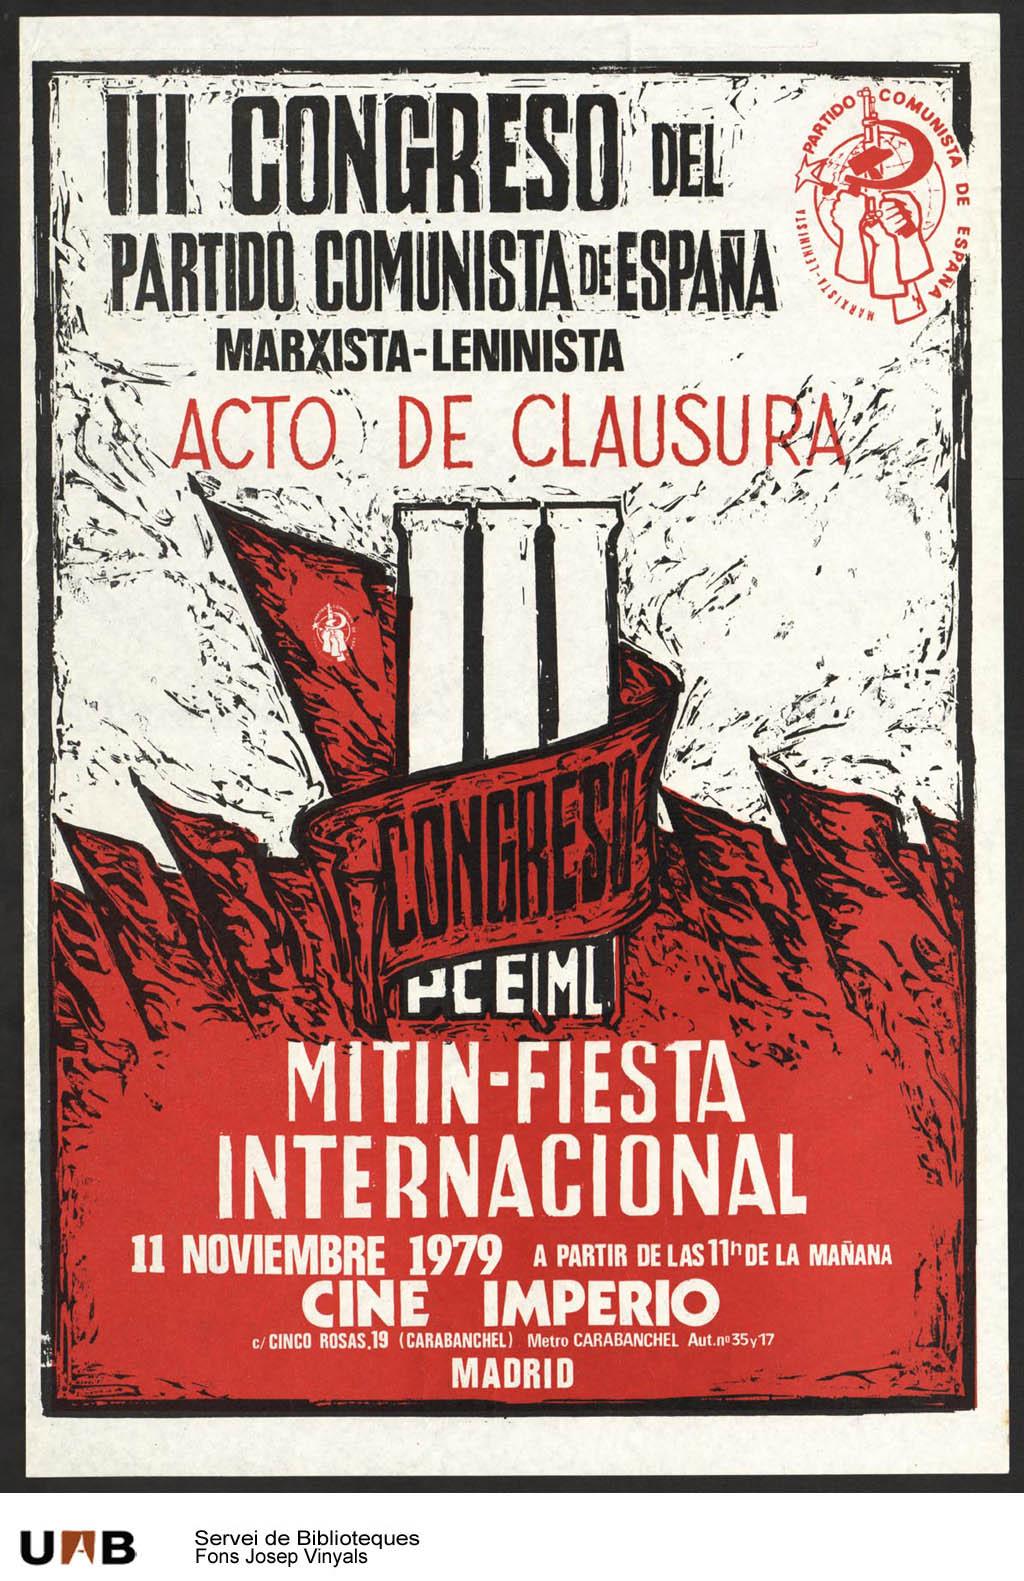 Resultado de imagen de partido comunista de españa marxista leninista imágenes